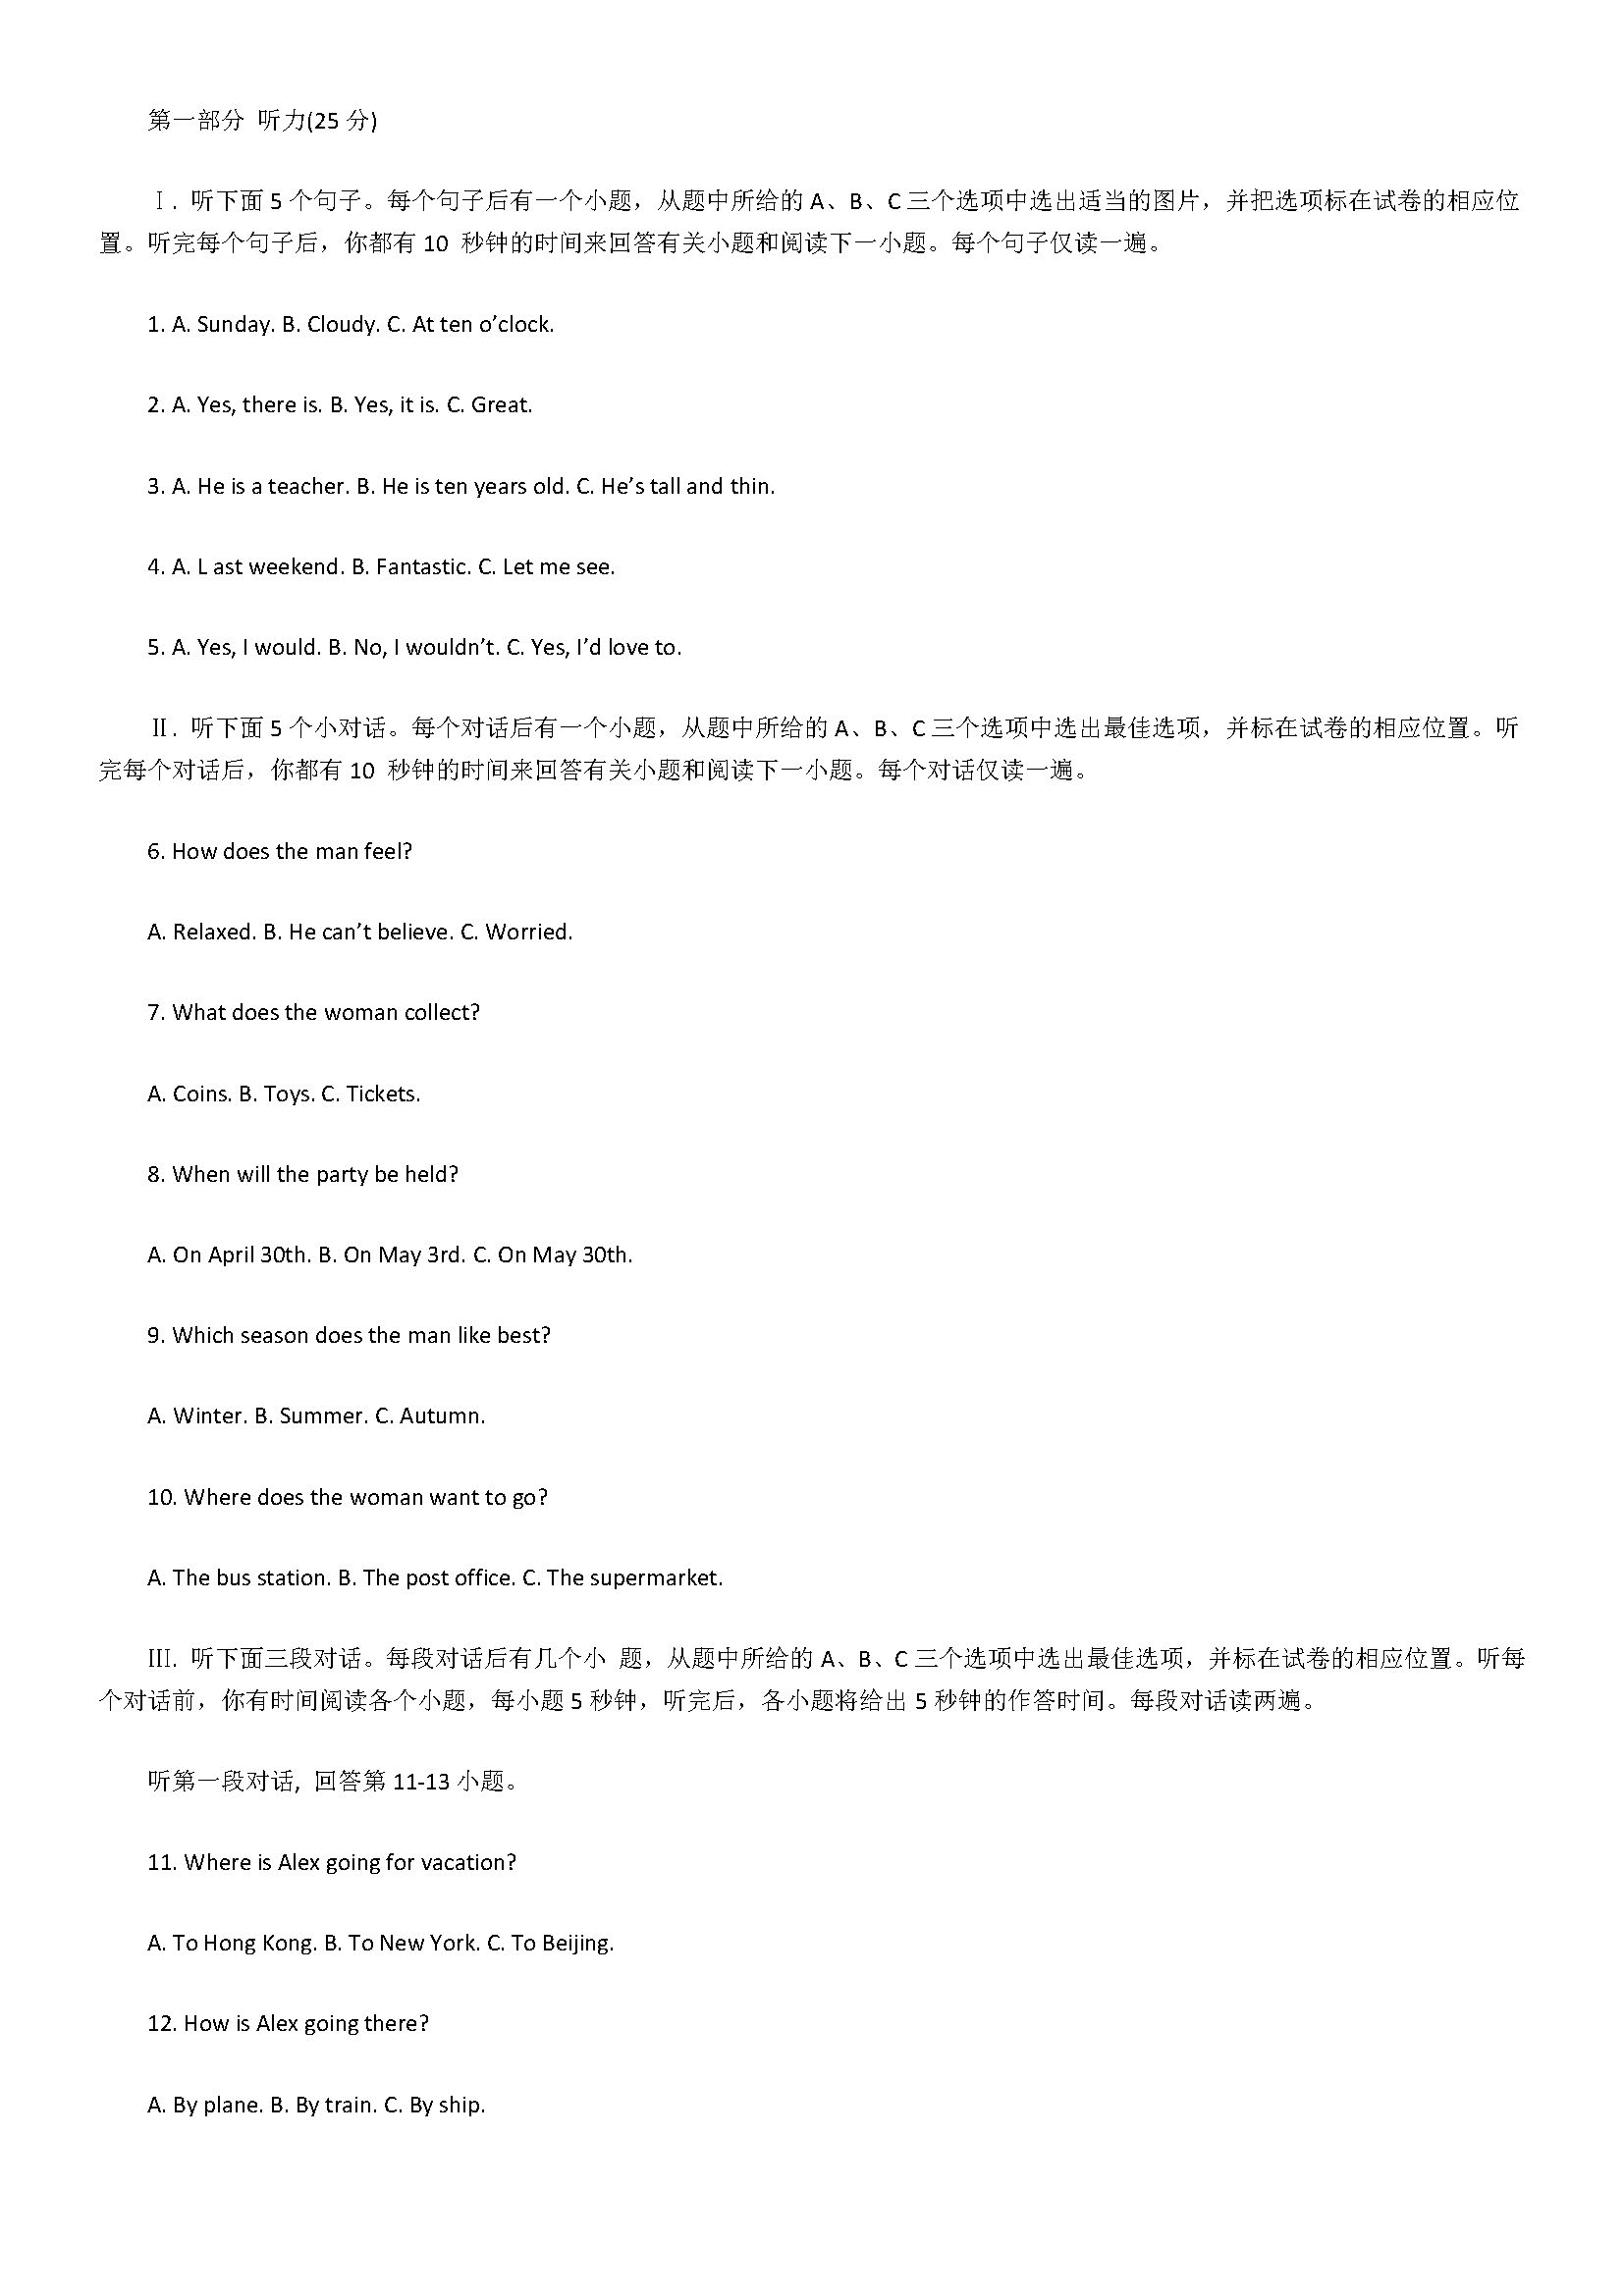 2018初一年级英语下册期末检测试题含答案(外研版)